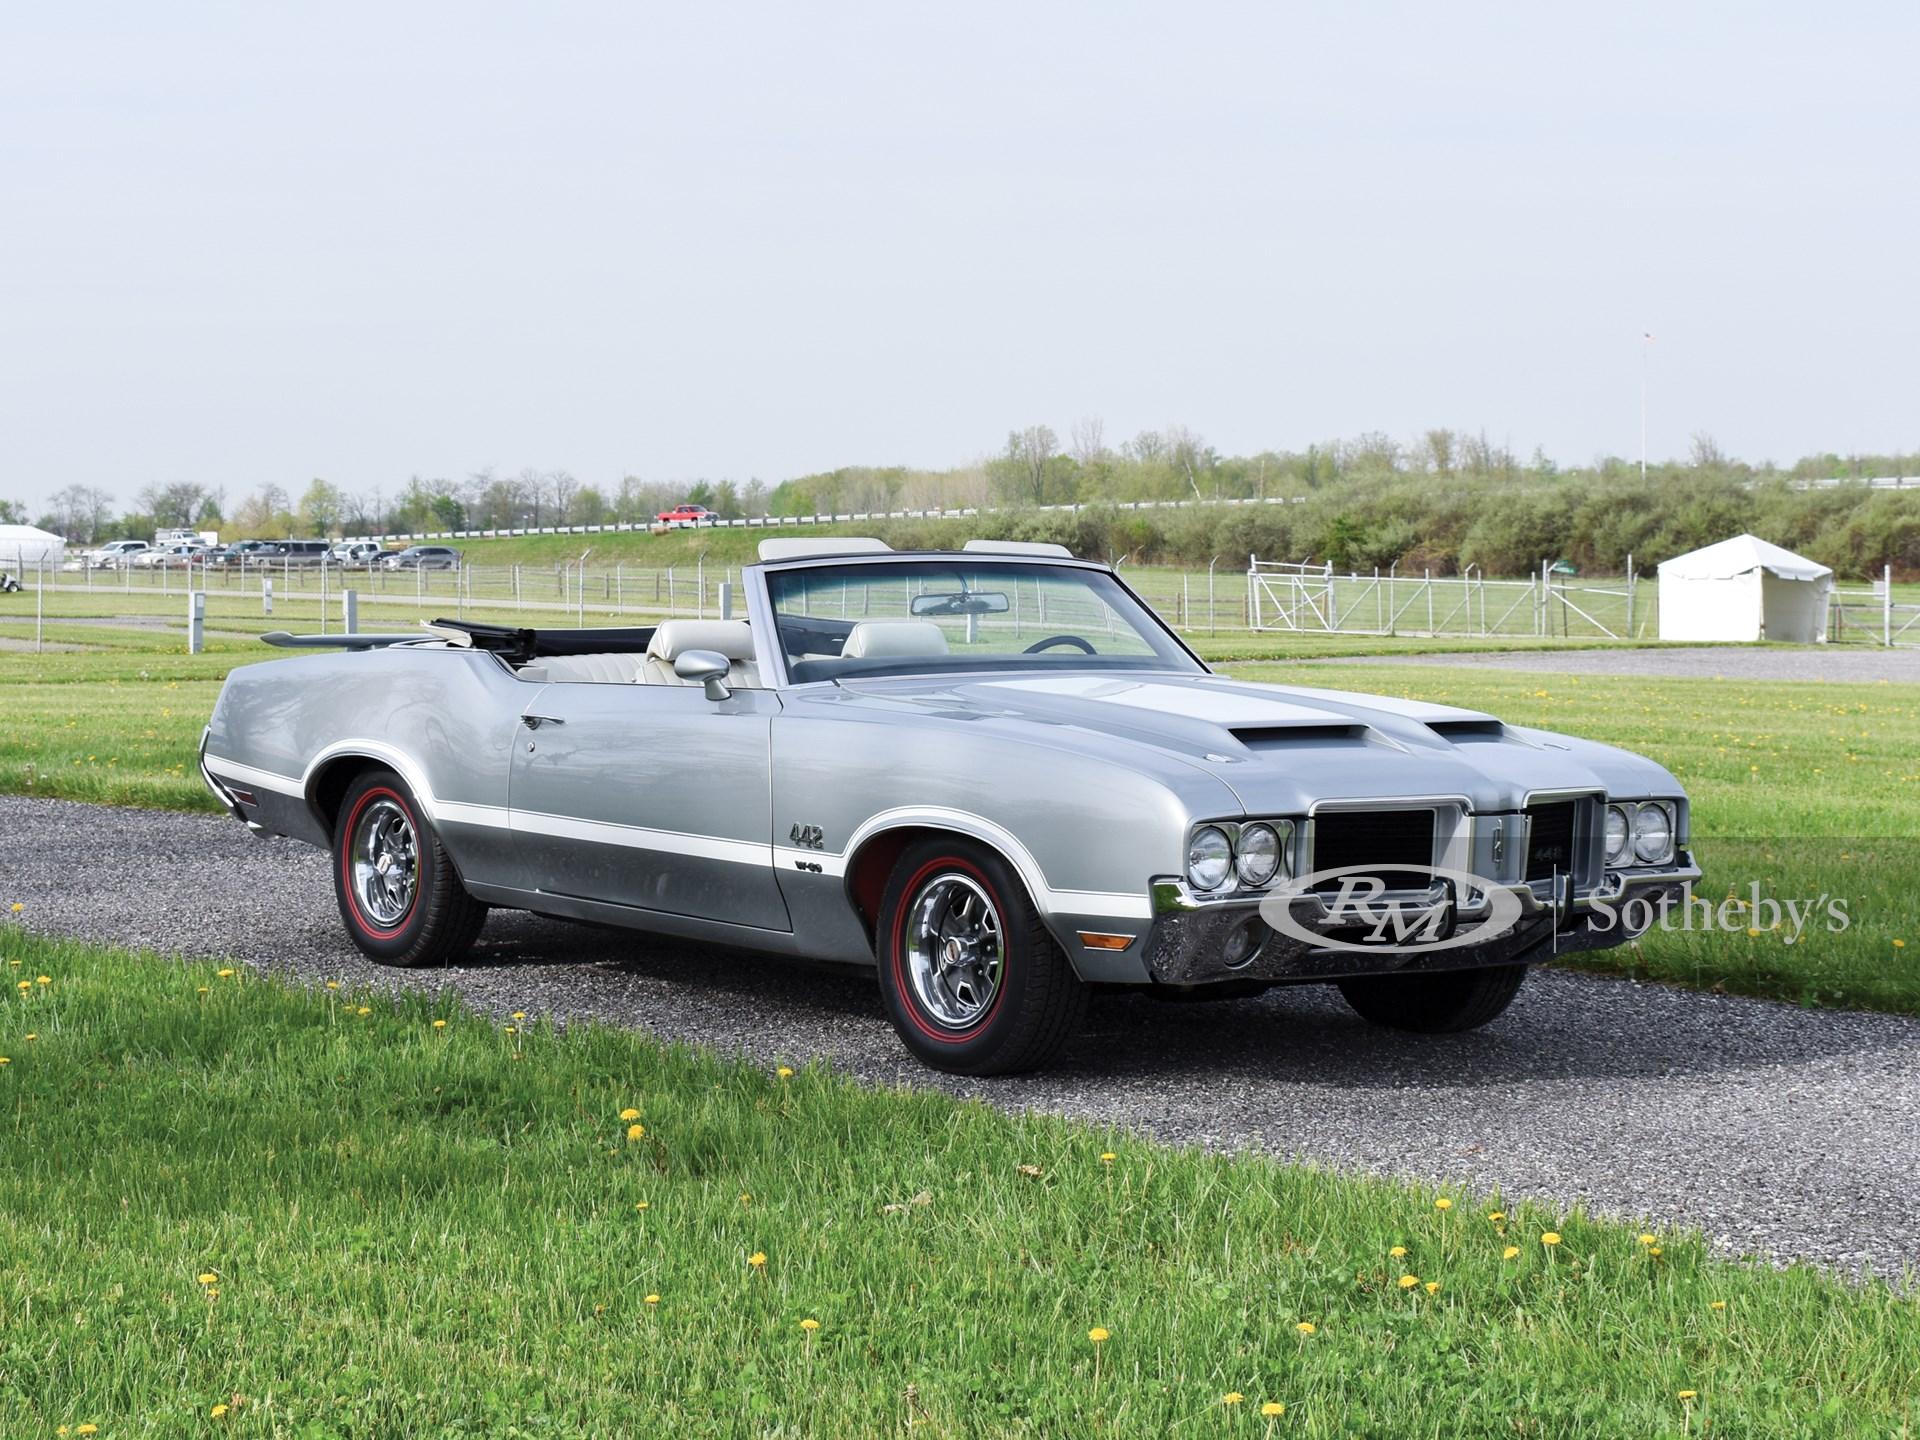 1971 Oldsmobile Cutlass Supreme Convertible 442 Tribute